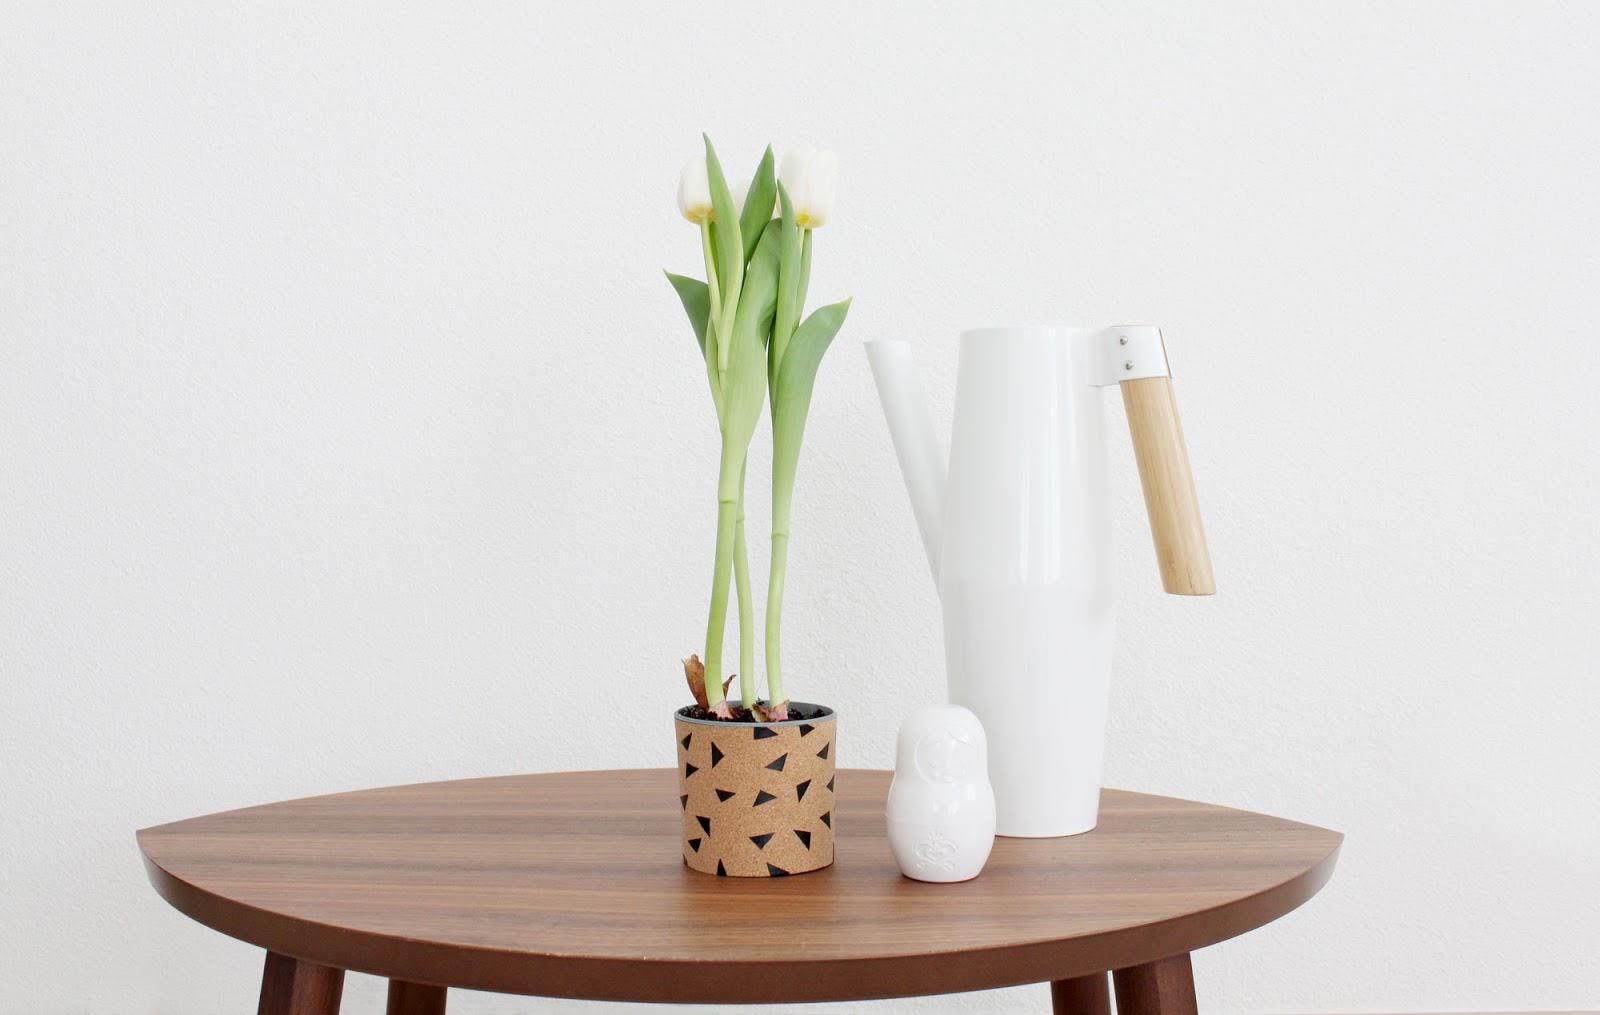 DIY Tulpen Blumentopf im nordischen Stil mit Kork